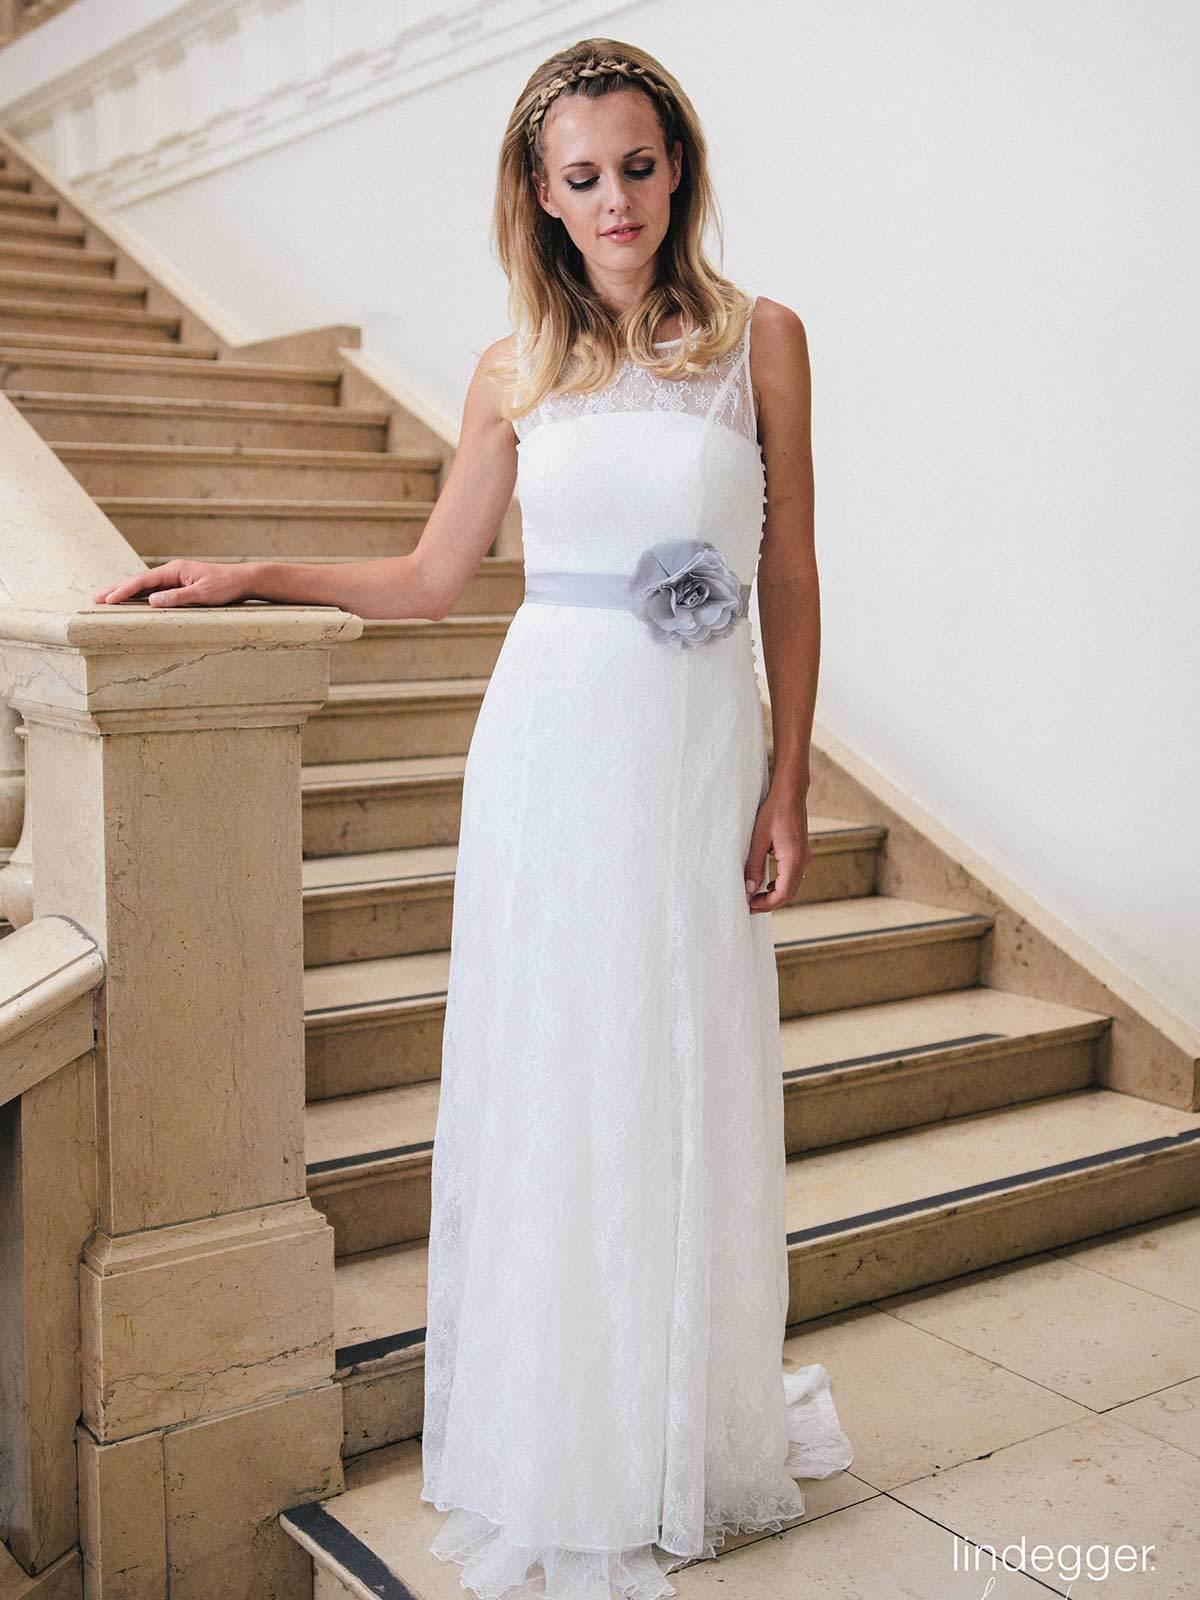 Berühmt Brautkleid David Braut Bilder - Hochzeit Kleid Stile Ideen ...